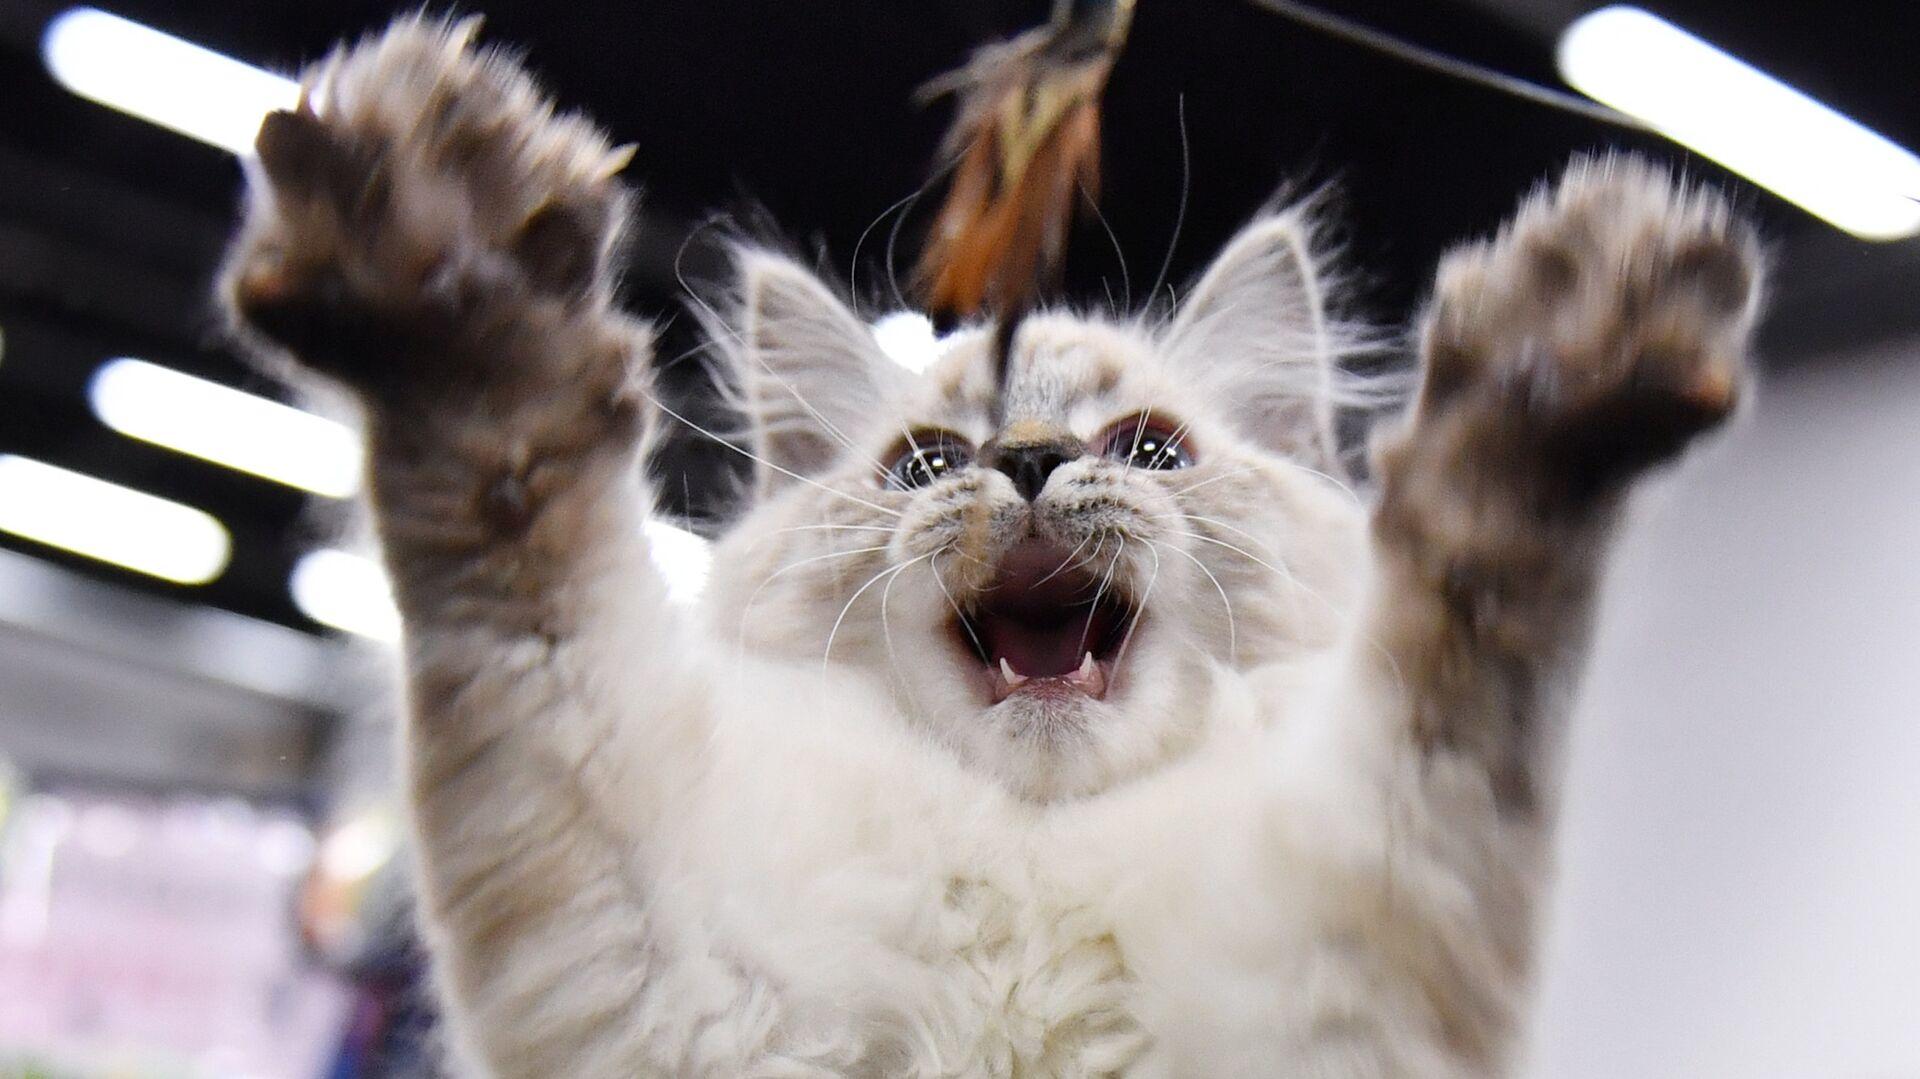 Кошка на выставке КоШарики Шоу в конгрессно-выставочном центре Сокольники в Москве - РИА Новости, 1920, 21.03.2021